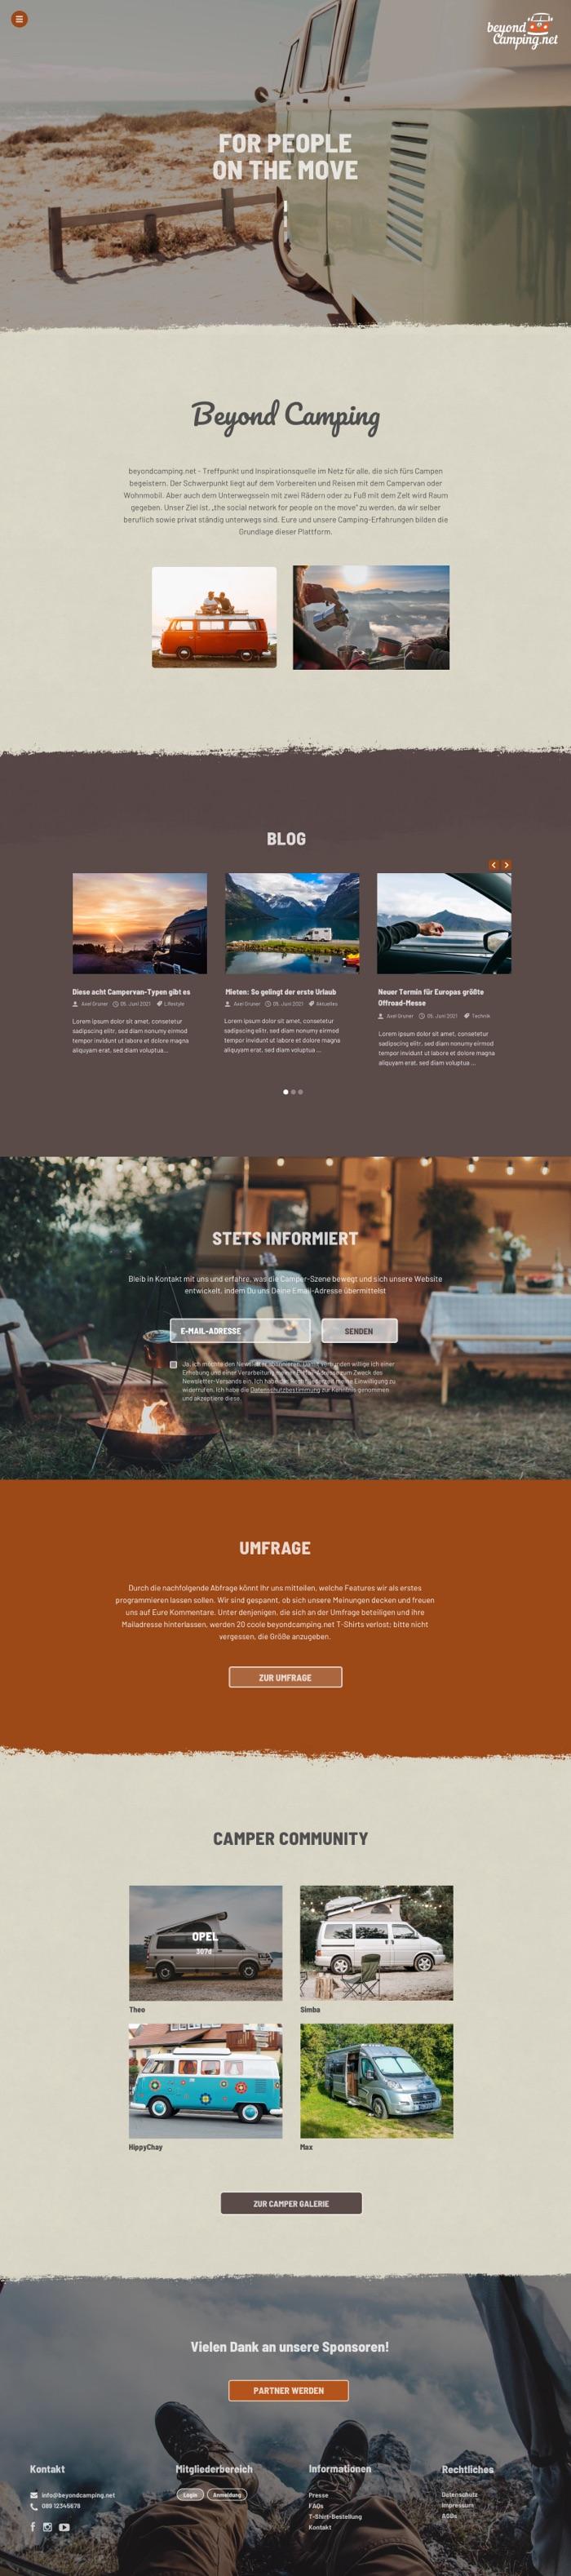 Webdesign München für Camping Lifestyle Portal